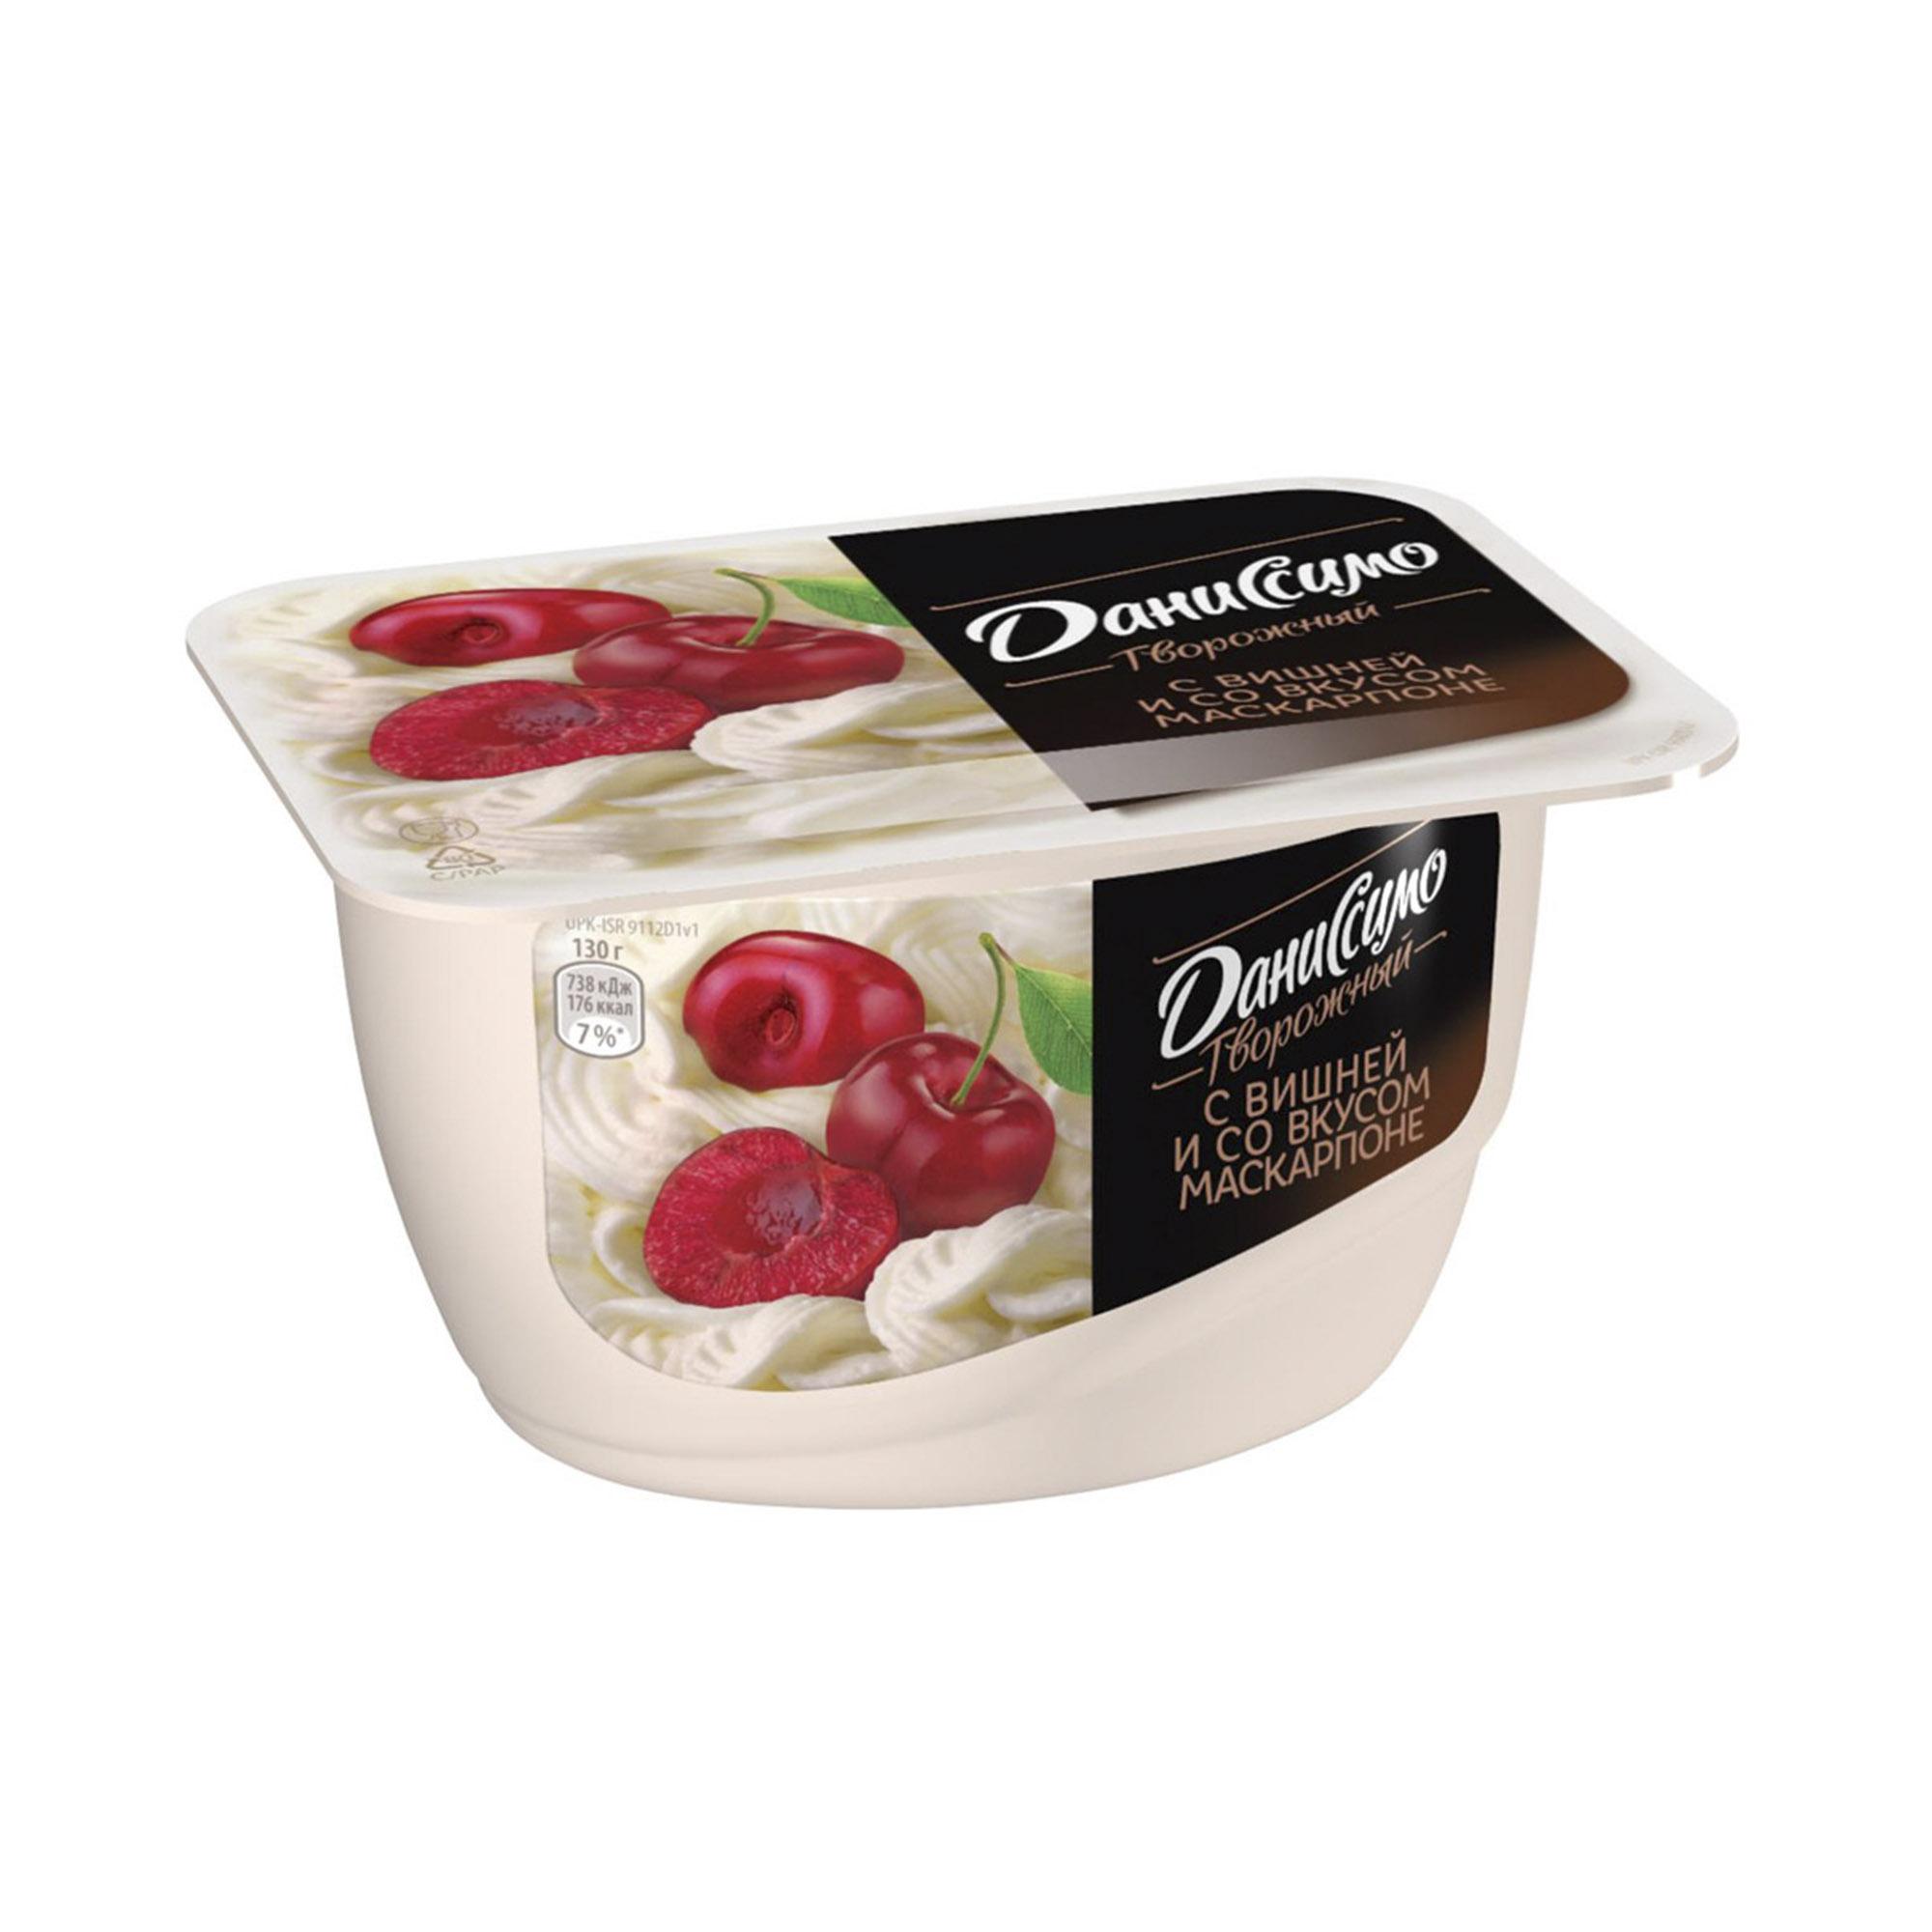 Десерт Даниссимо творожный с вишней и маскарпоне 130 г